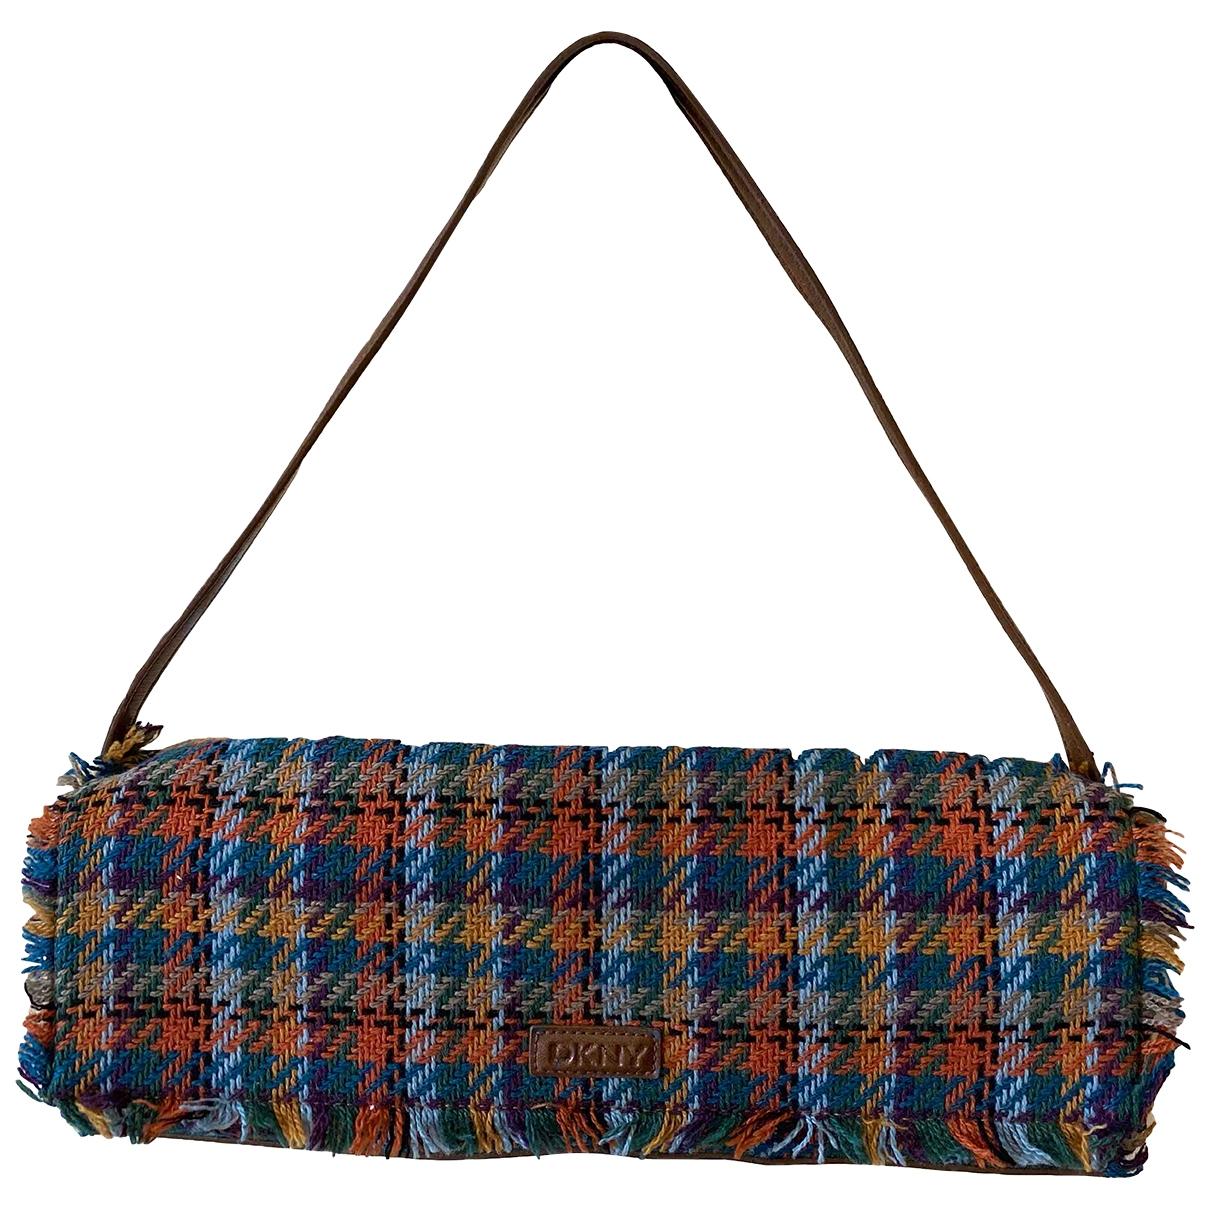 Dkny \N Handtasche in  Bunt Tweed